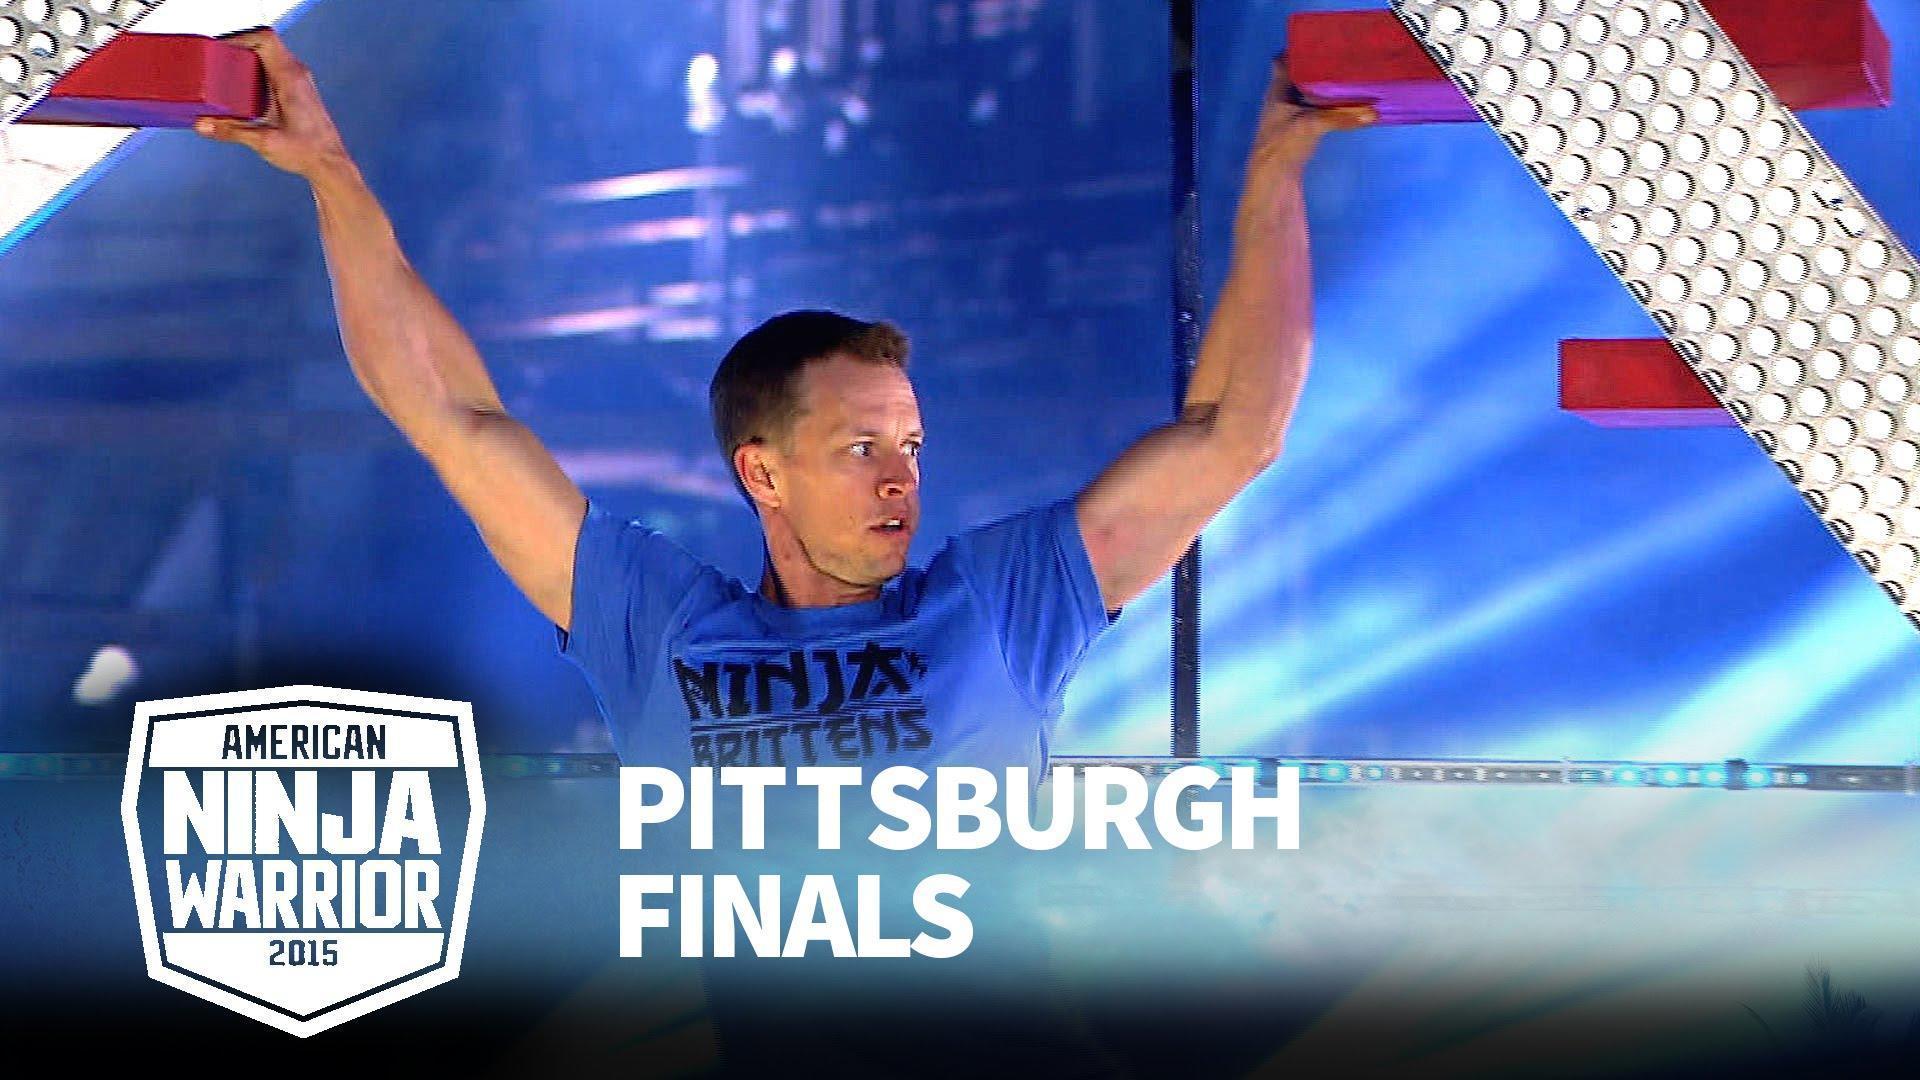 American Ninja Warrior 711 Geoff Britten Pittsburgh Finals 2015